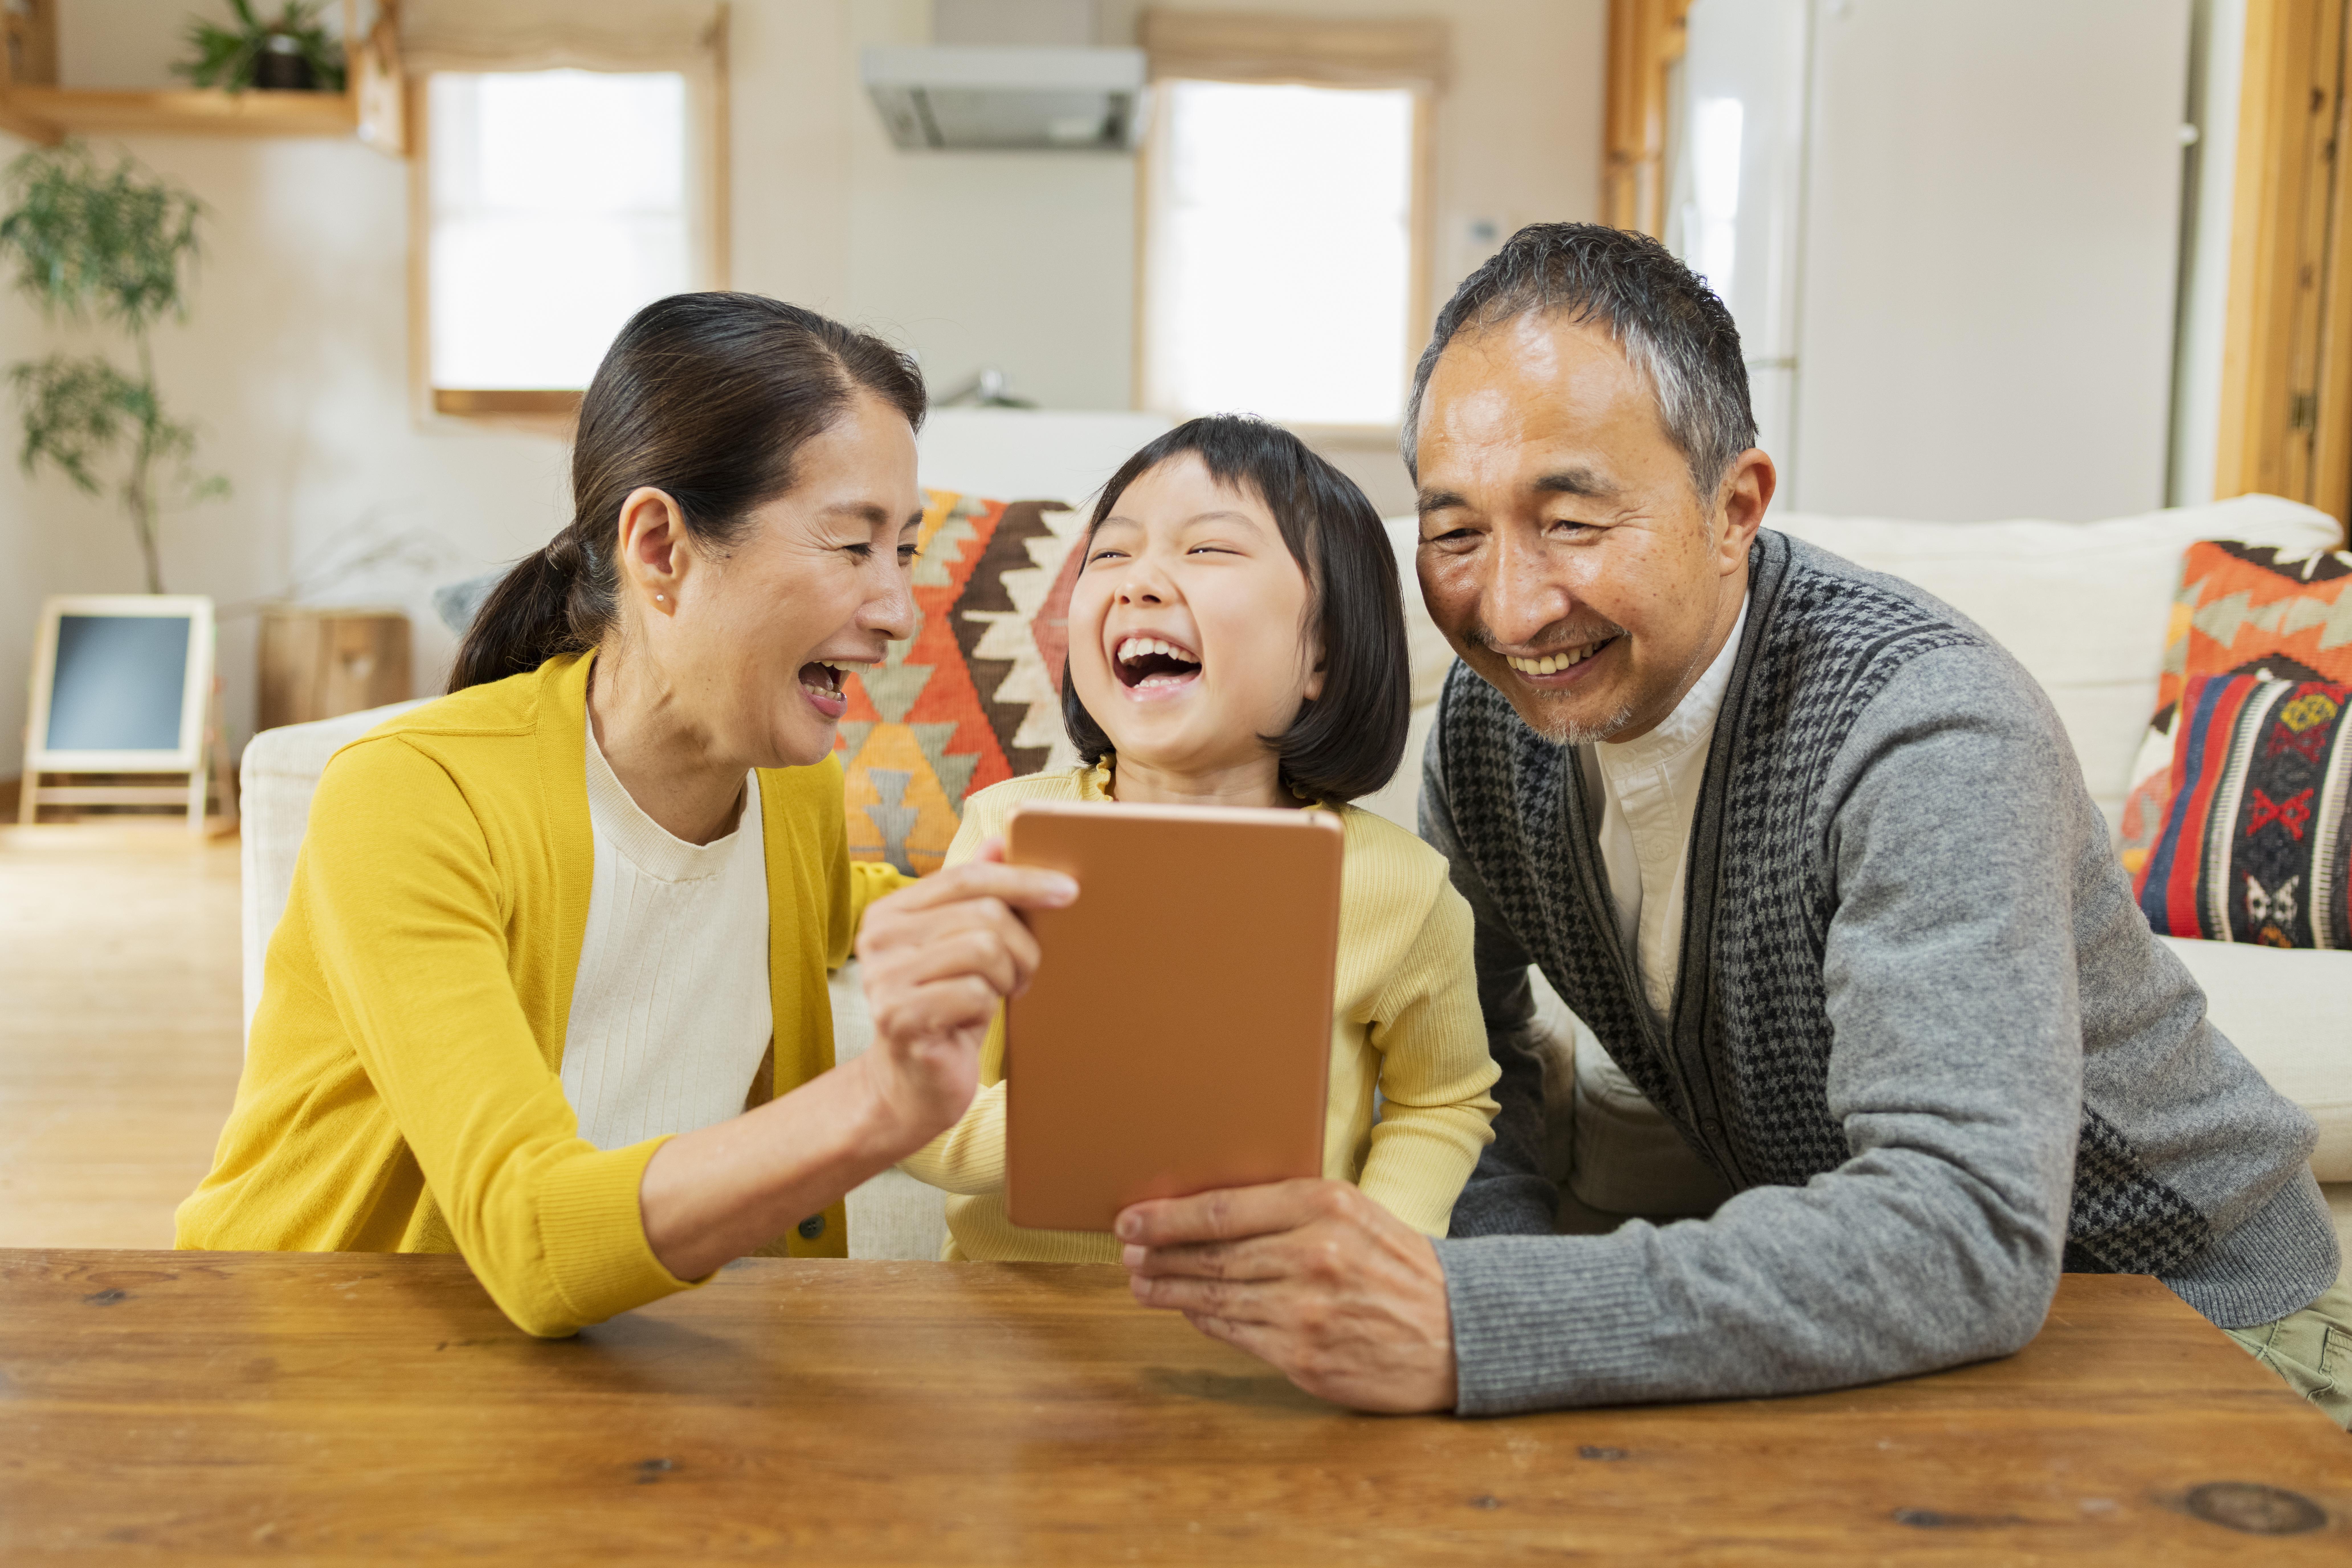 タブレットを楽しそうに触る祖父母と孫